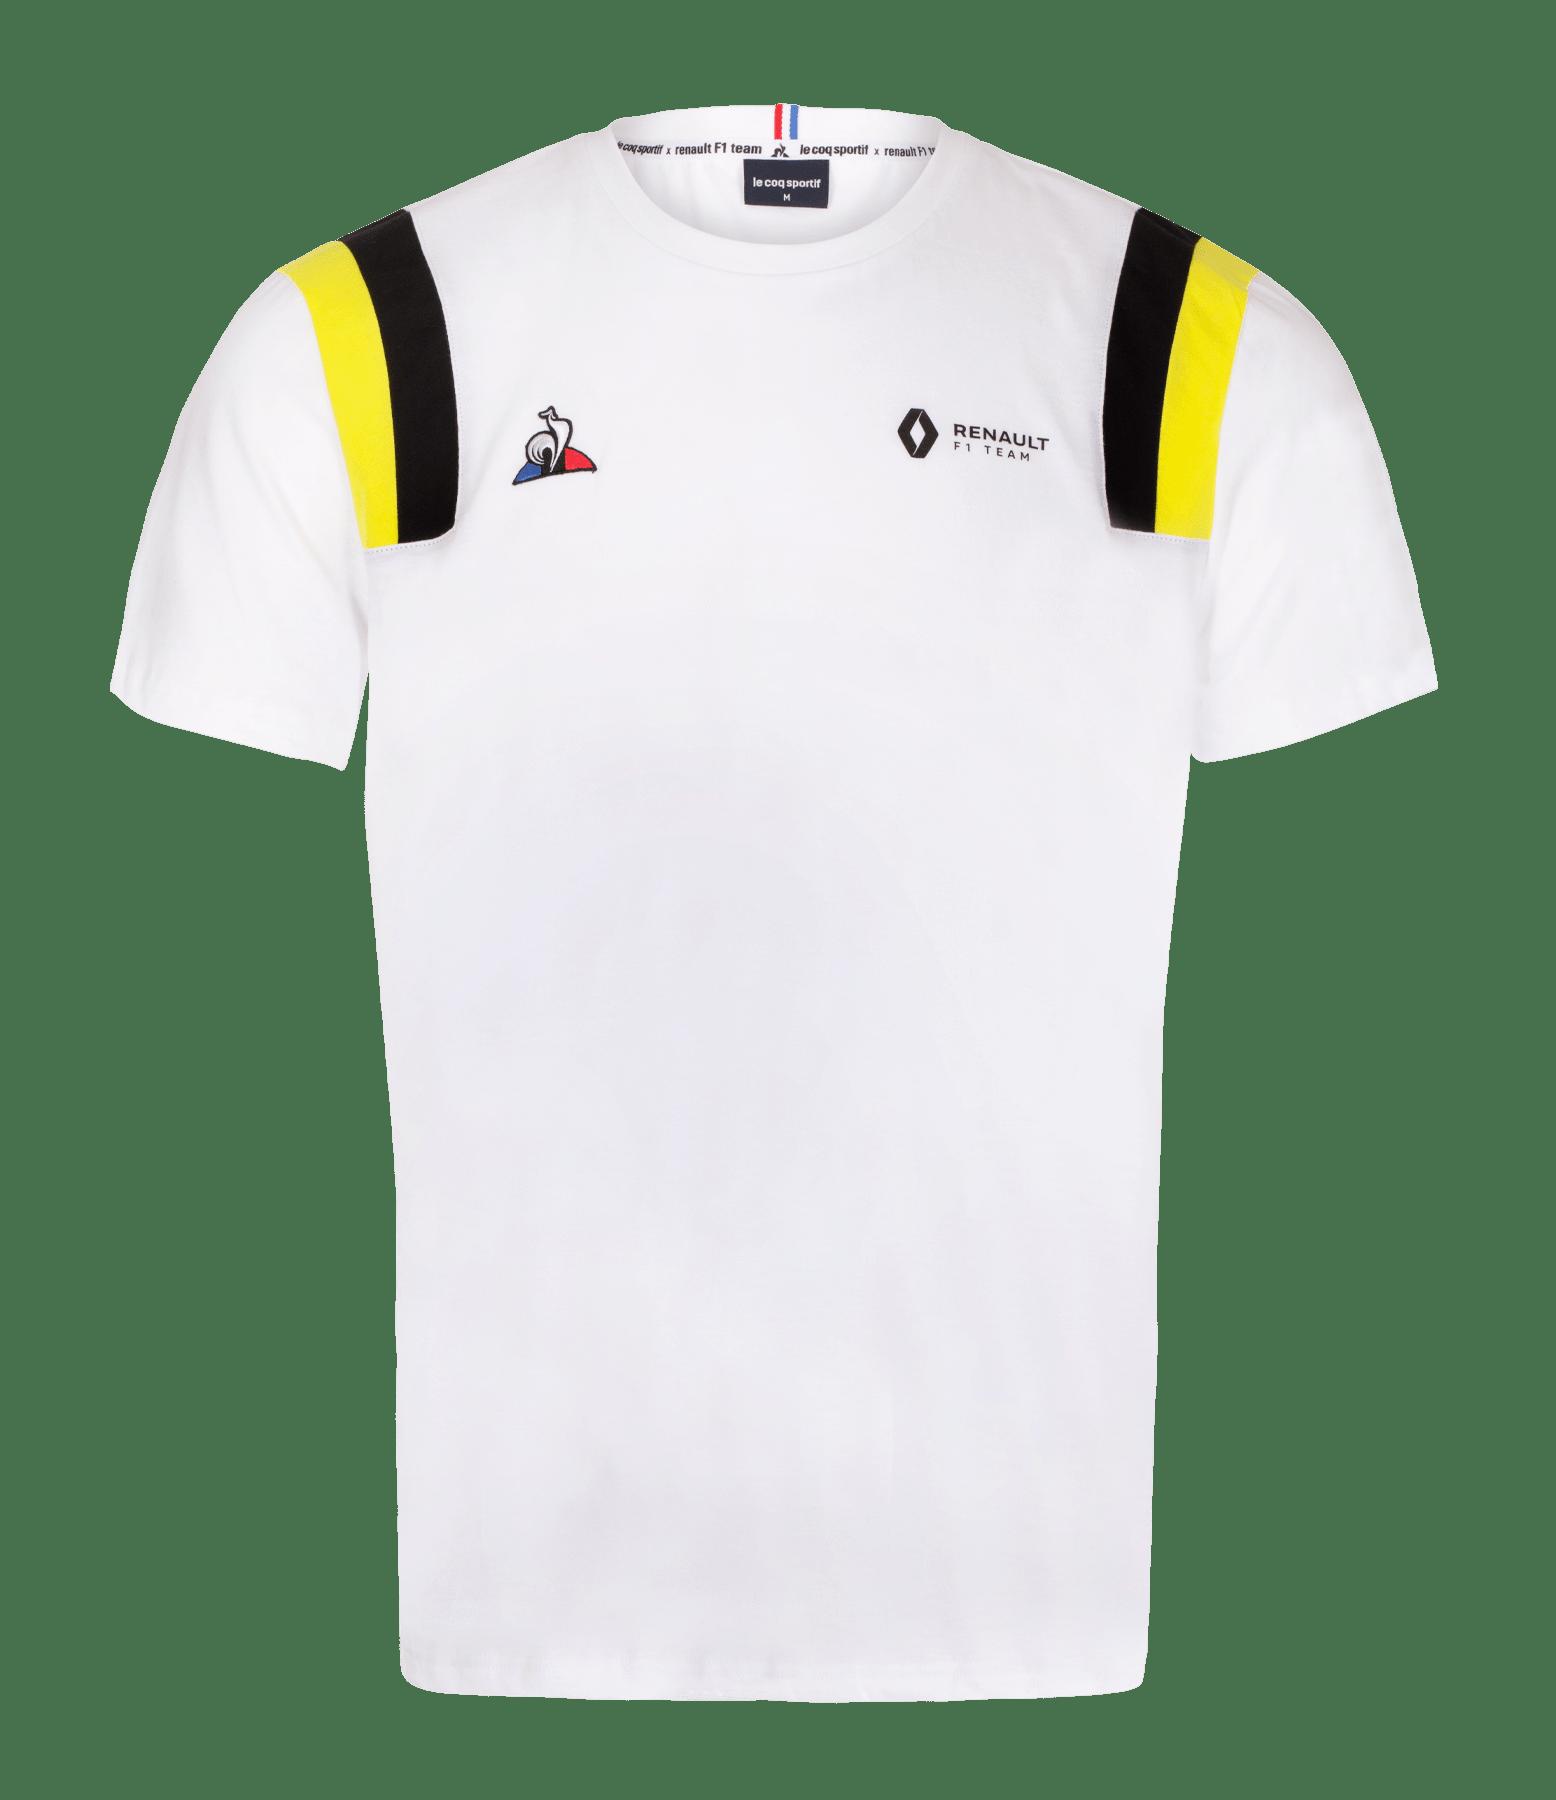 RENAULT F1® TEAM 2020 fan men's T-shirt - White